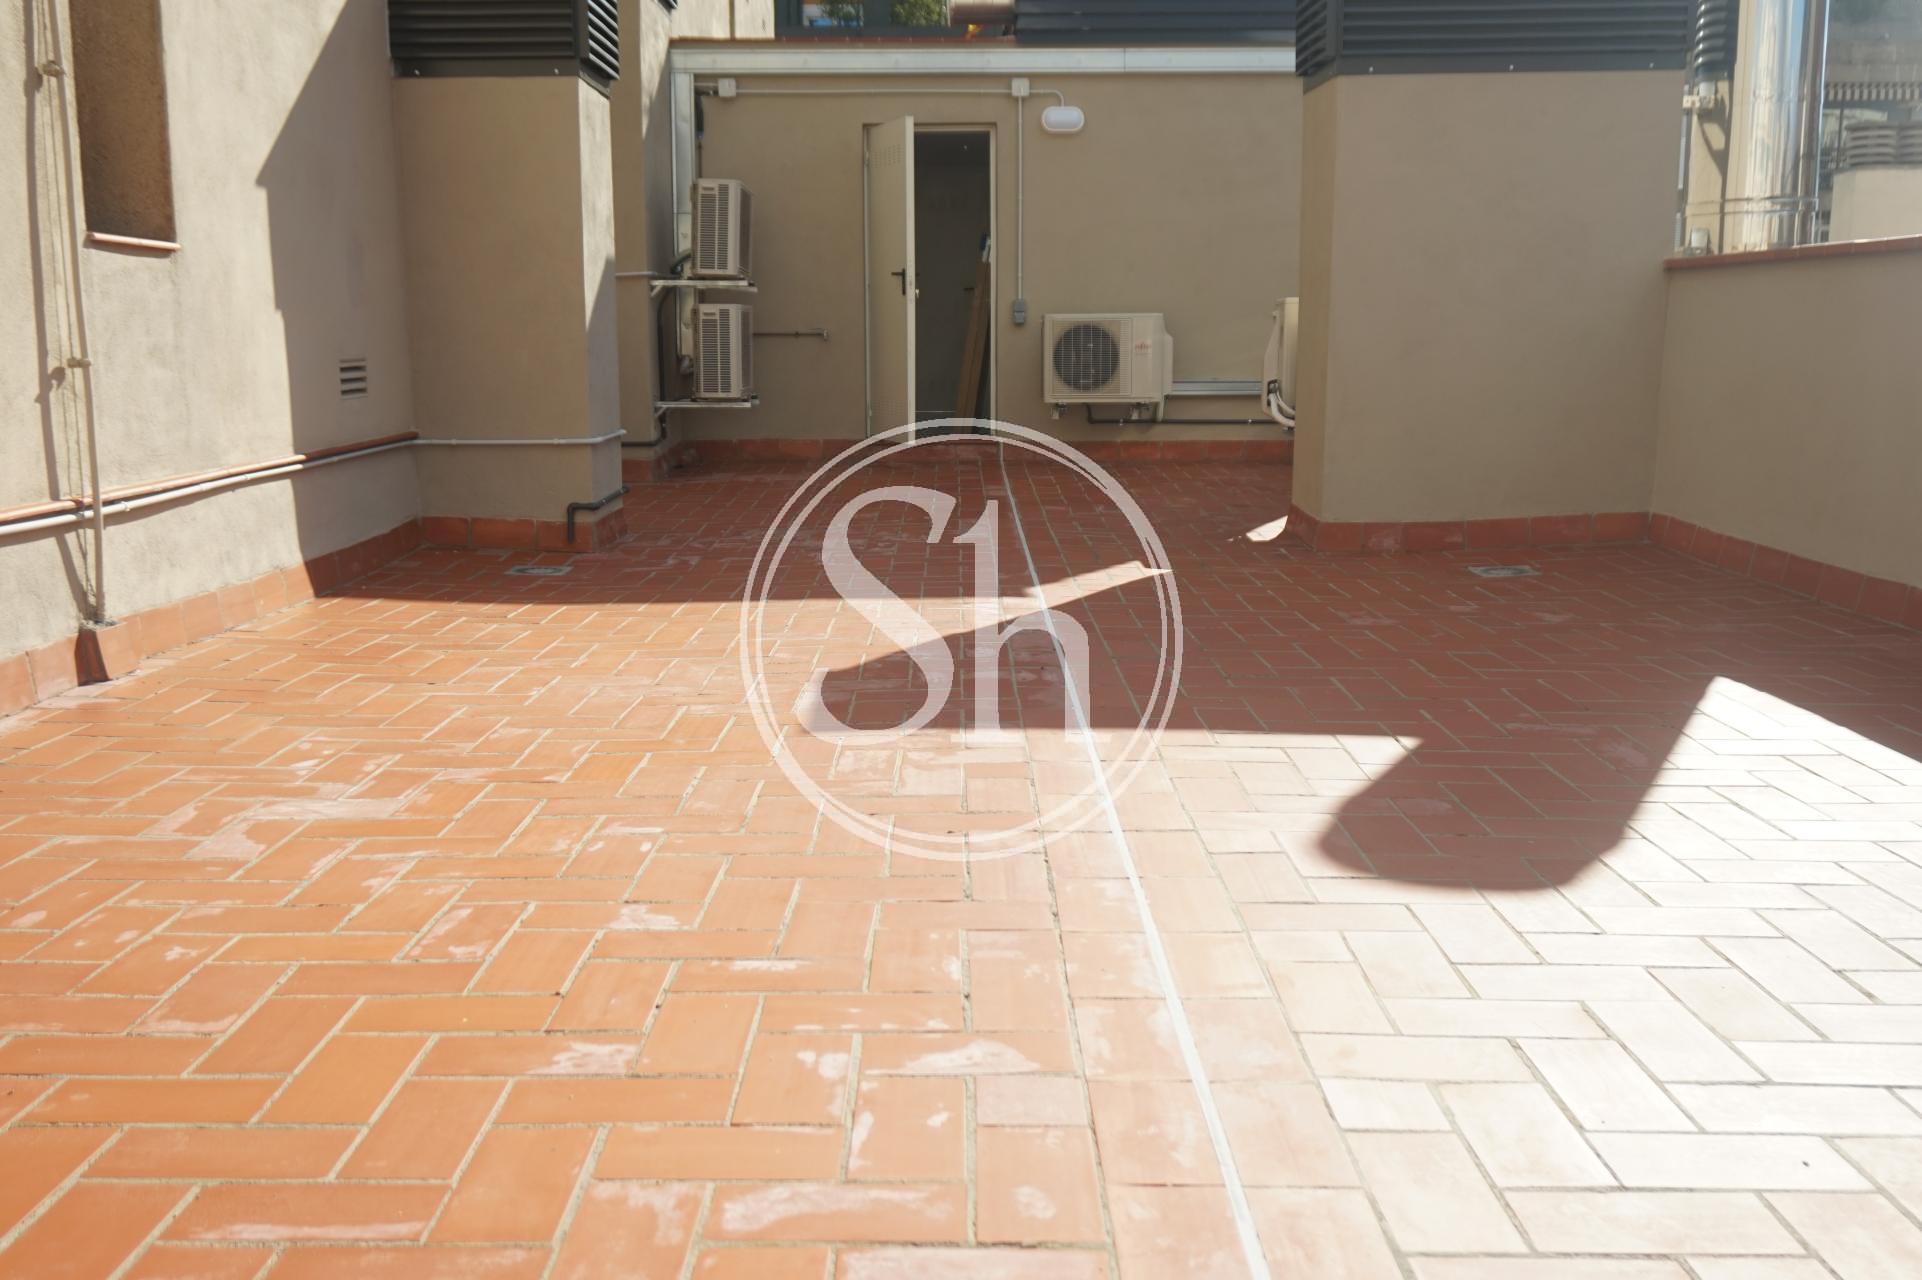 Fußboden Aus 5 Cent ~ Wohnung zur miete barcelona leixample consell de cent comte urgell